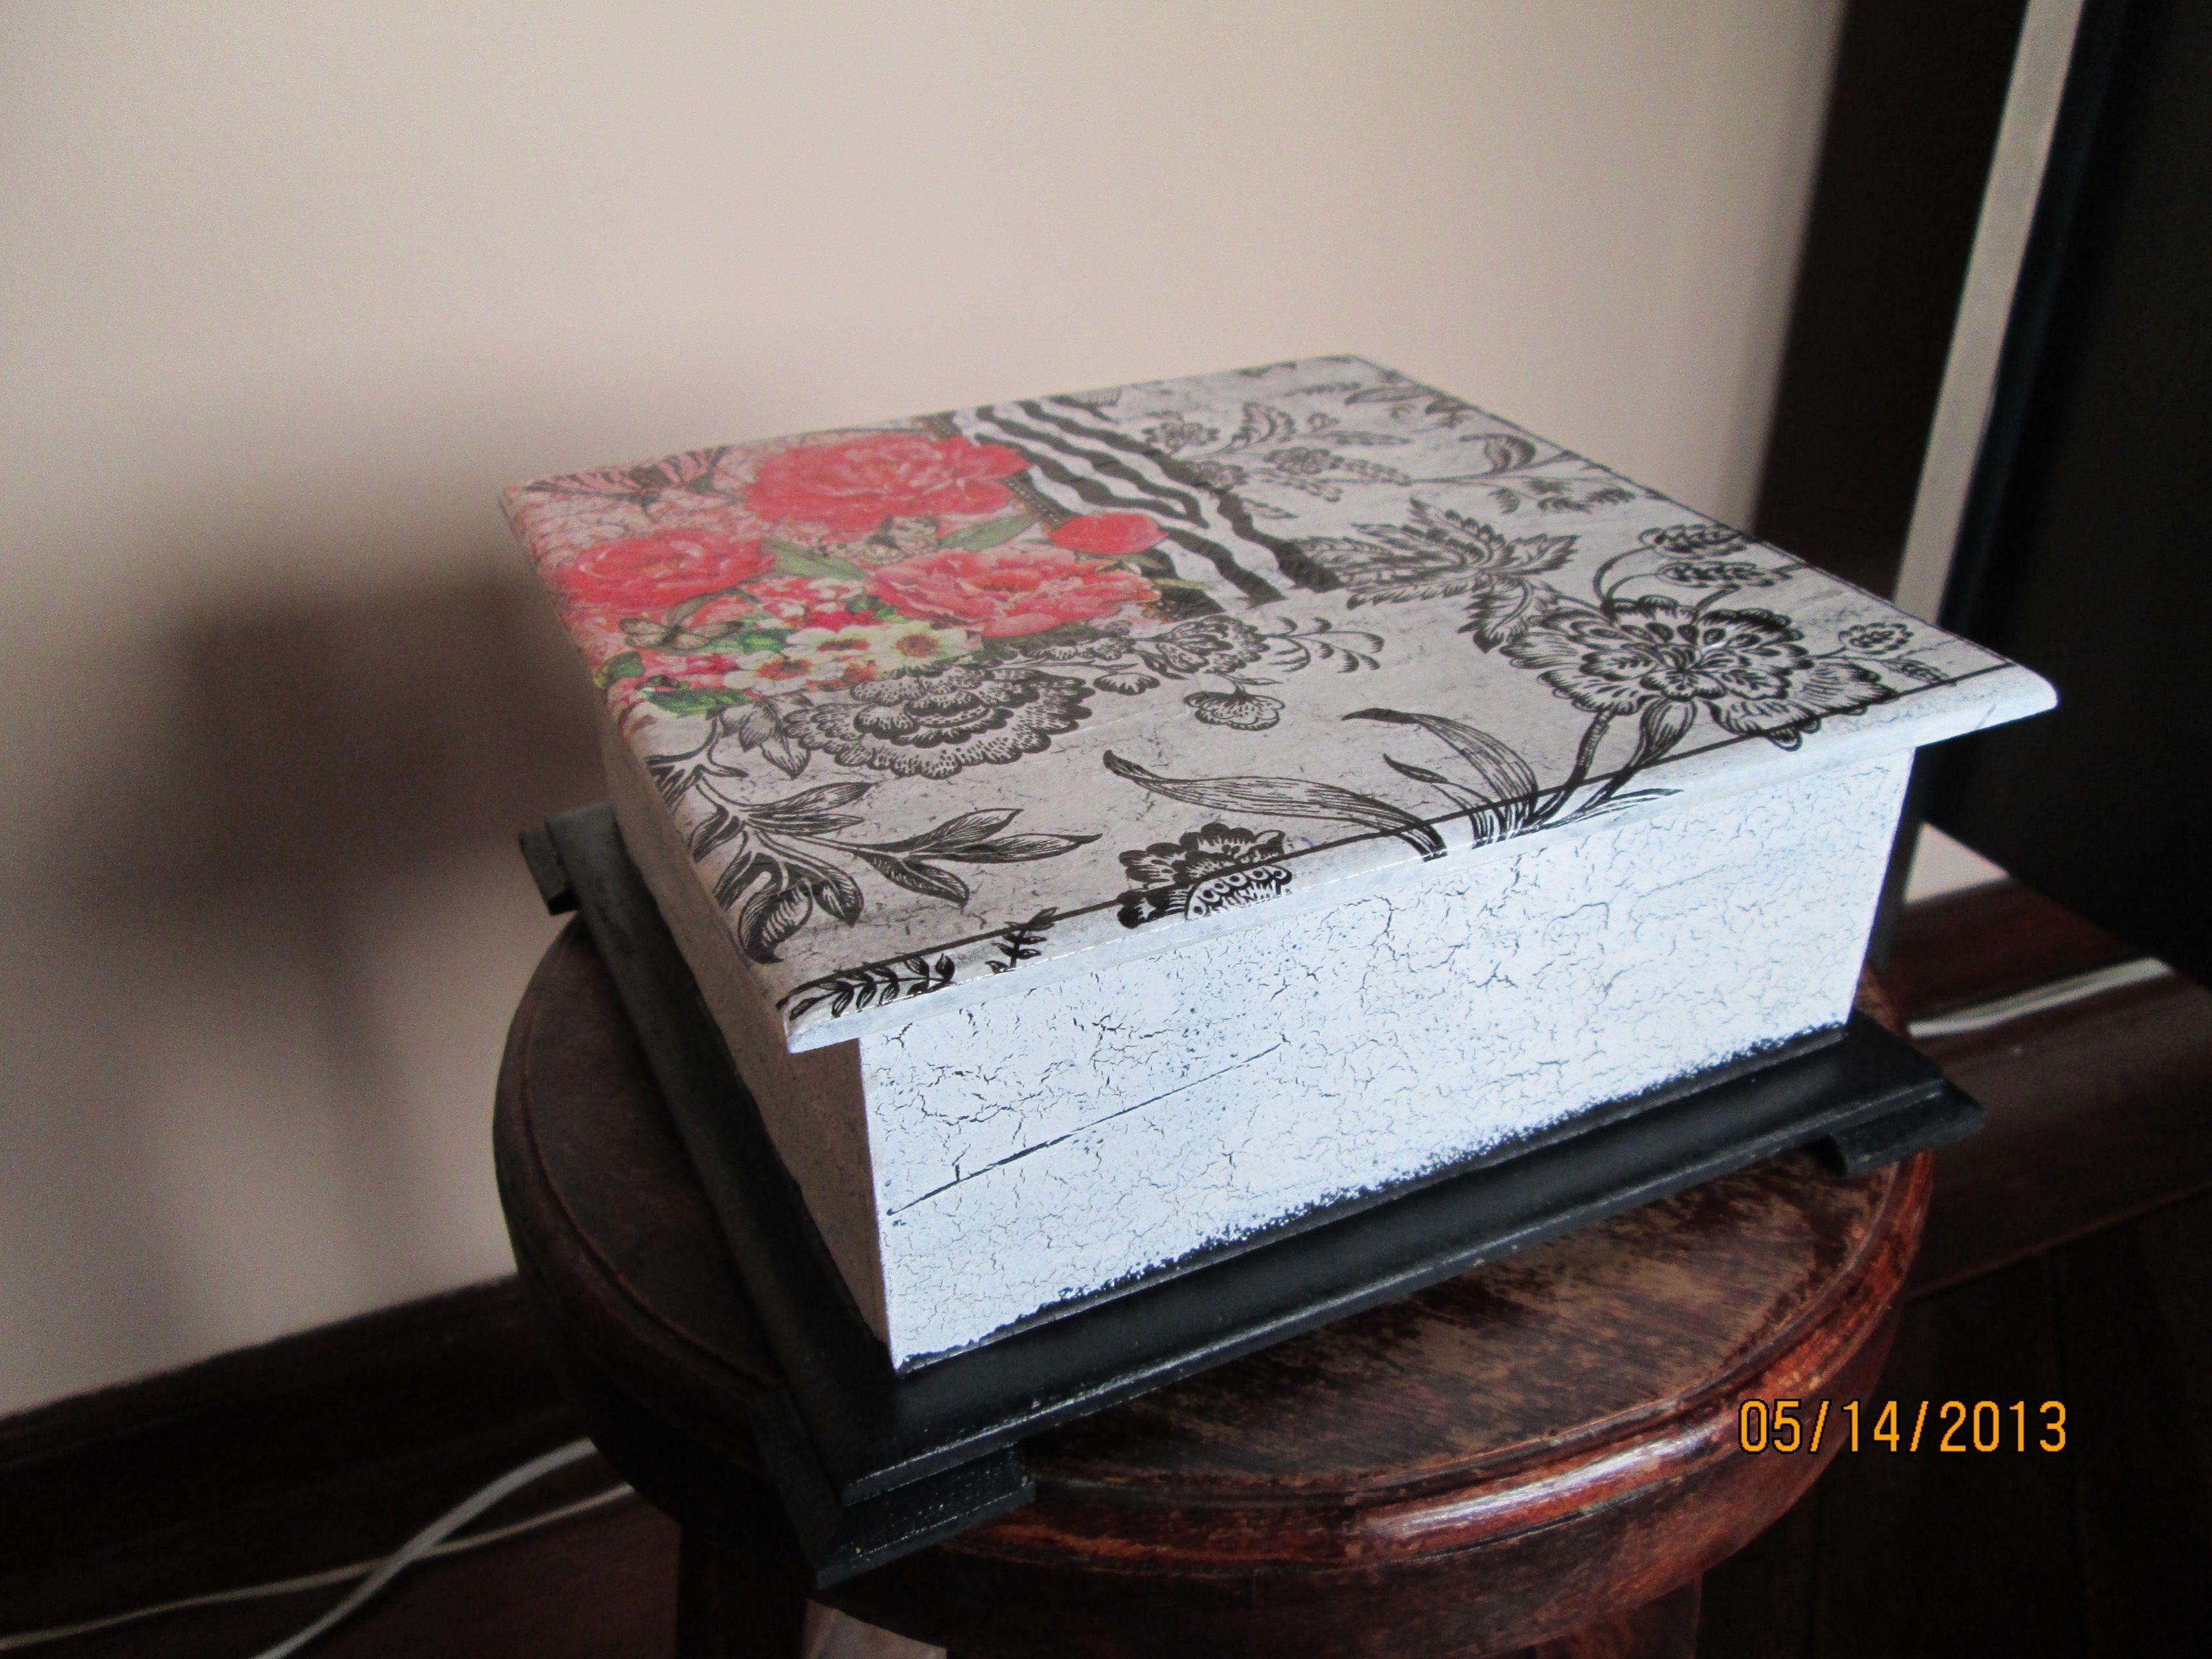 Caja de te con fondo negro, el contraste de rojo con el blanco con negro le da un toque muy moderno